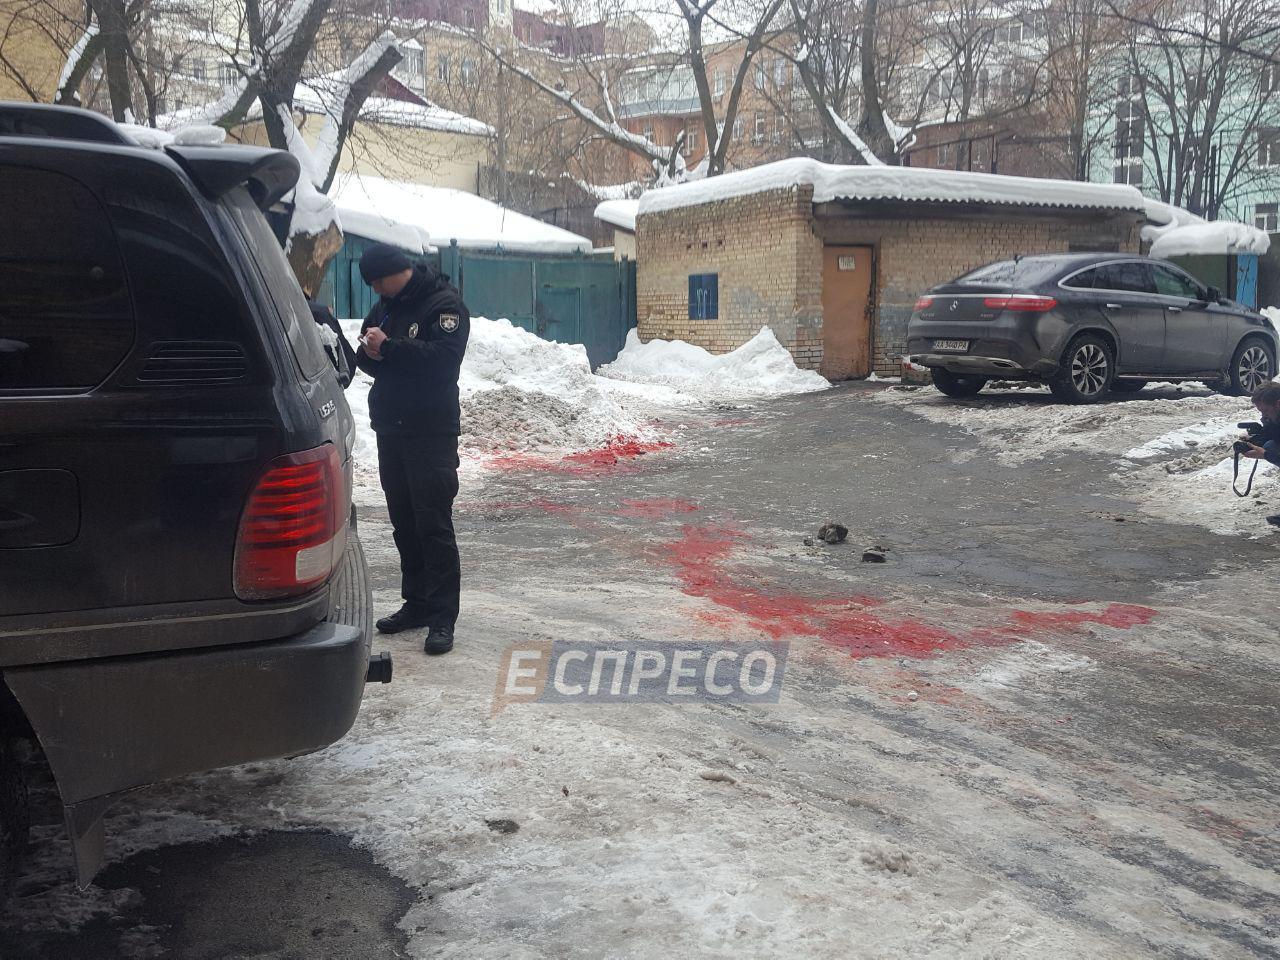 В правительственном квартале в центре Киева зарезали мужчину, фото и видео с места трагедии